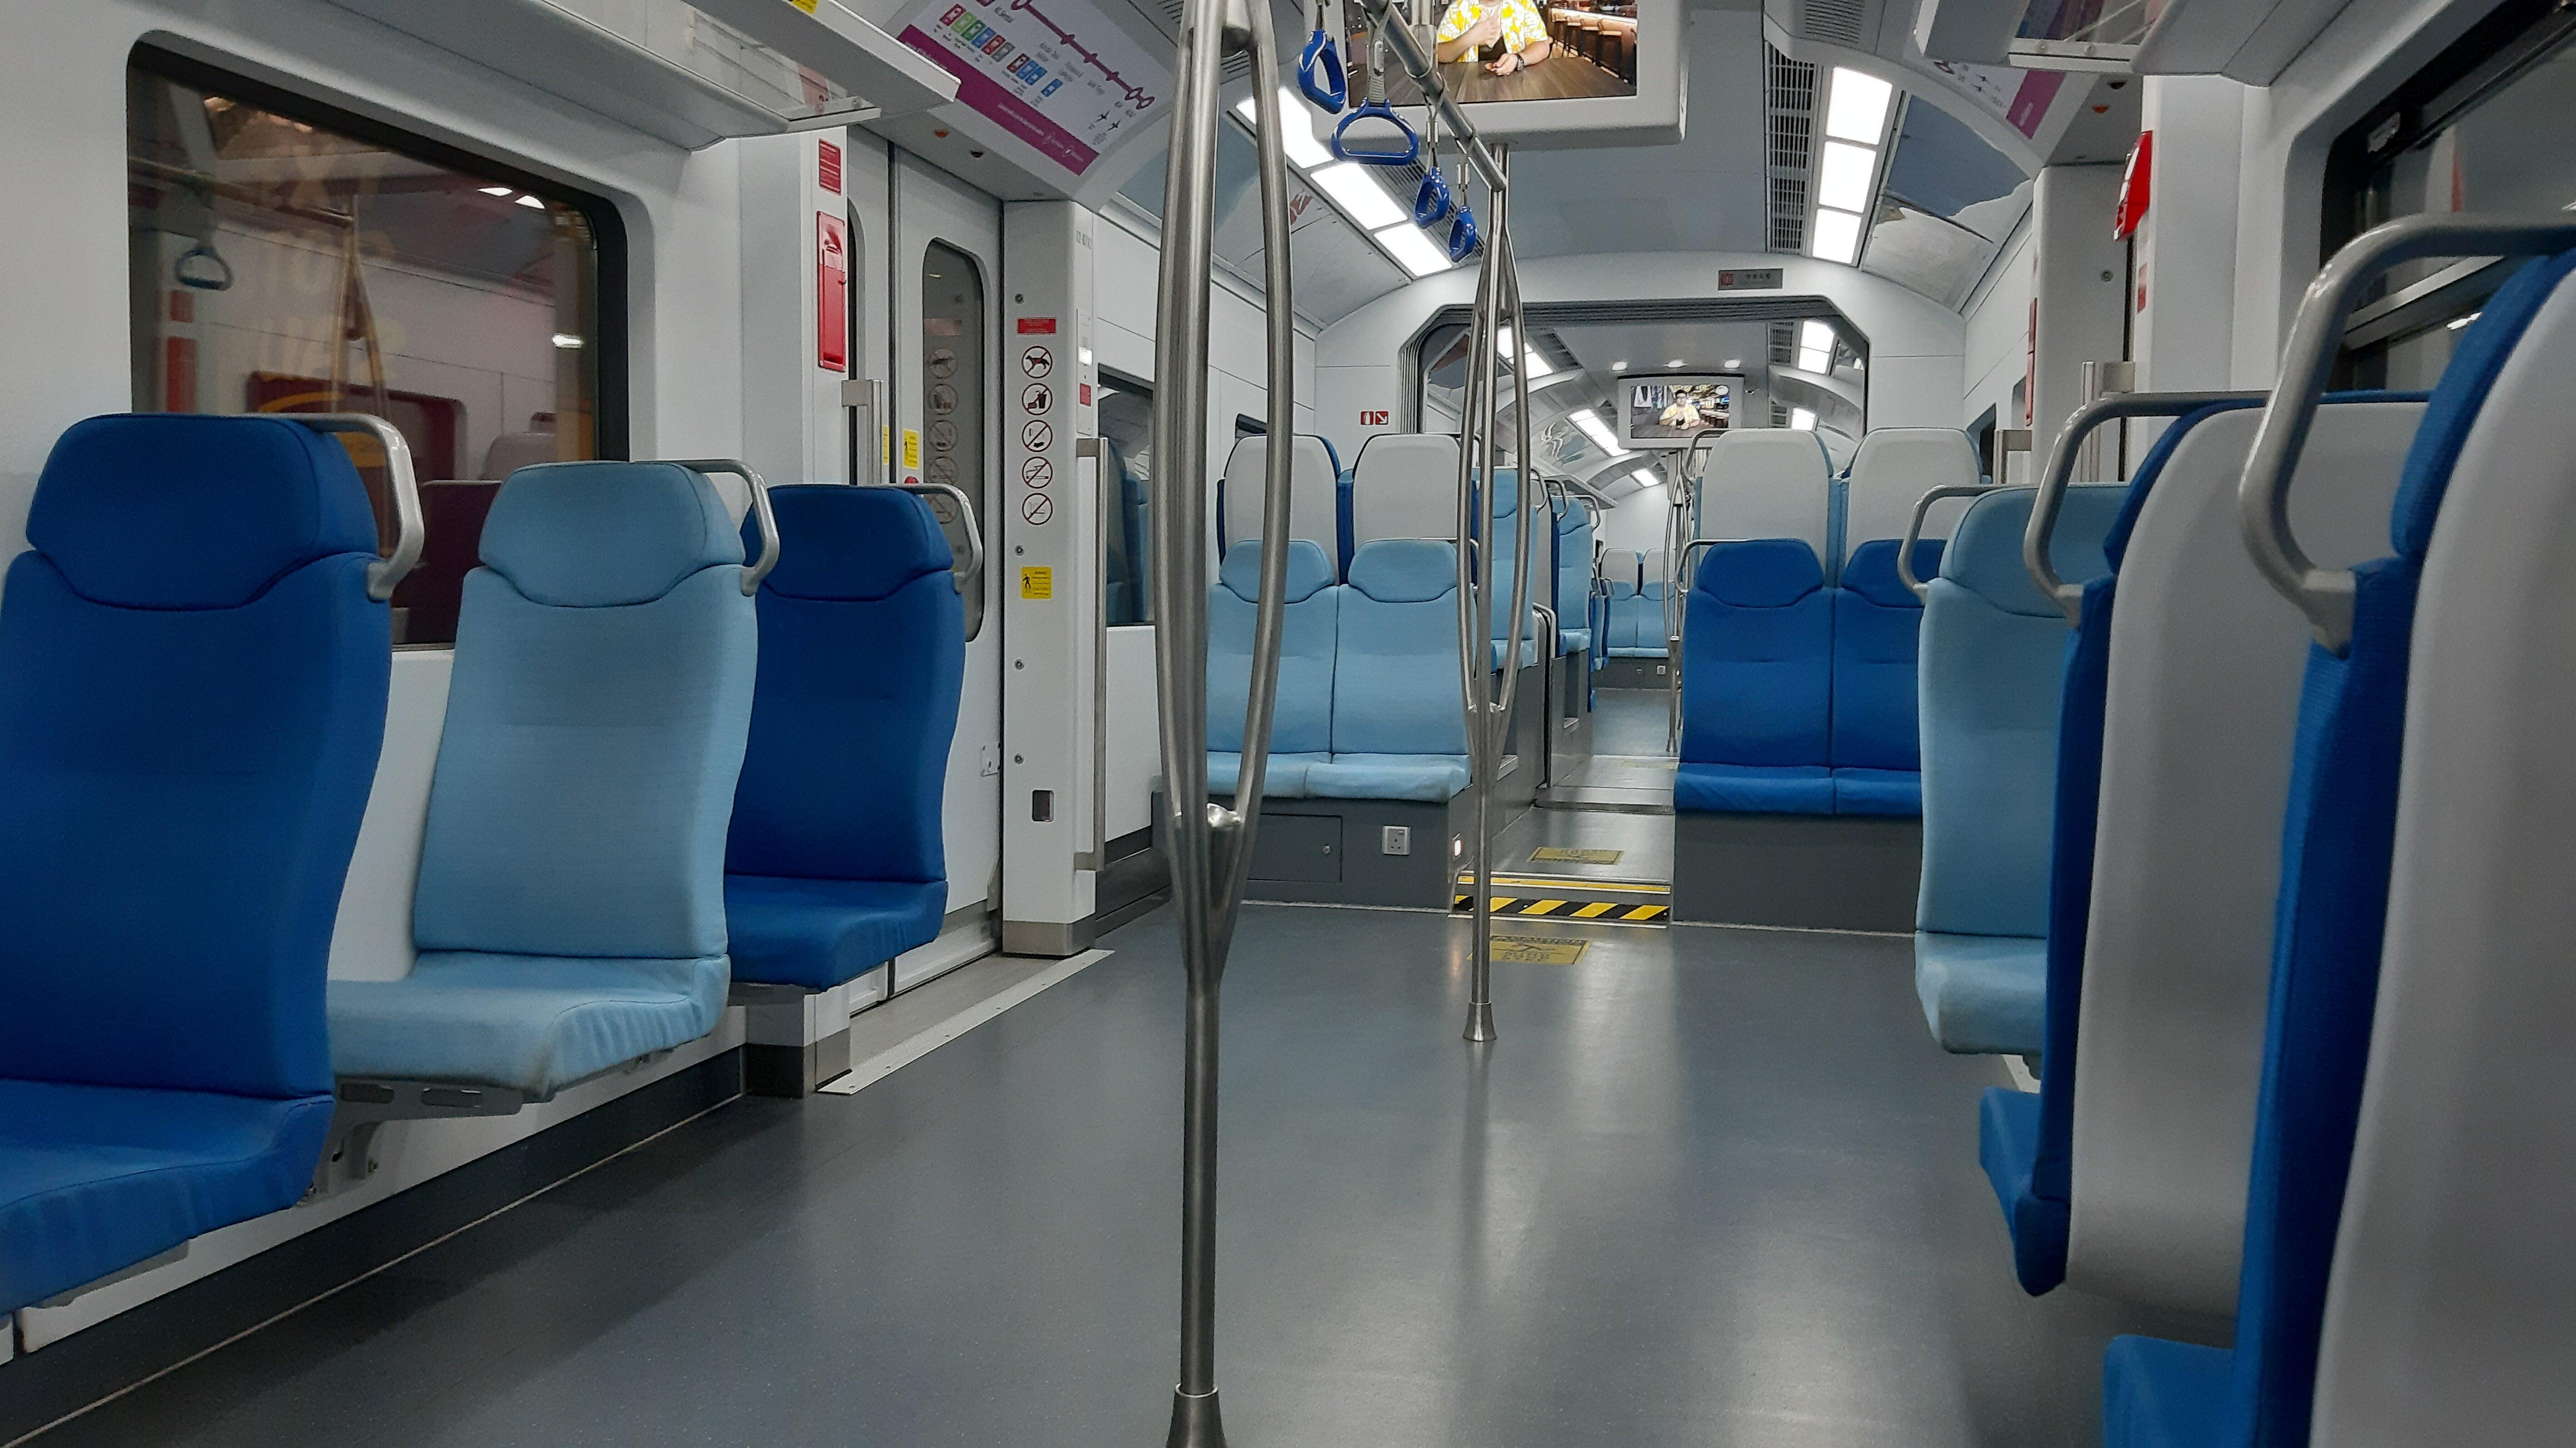 Deserted KL Ekspres Train during Coronavirus Lockdown.